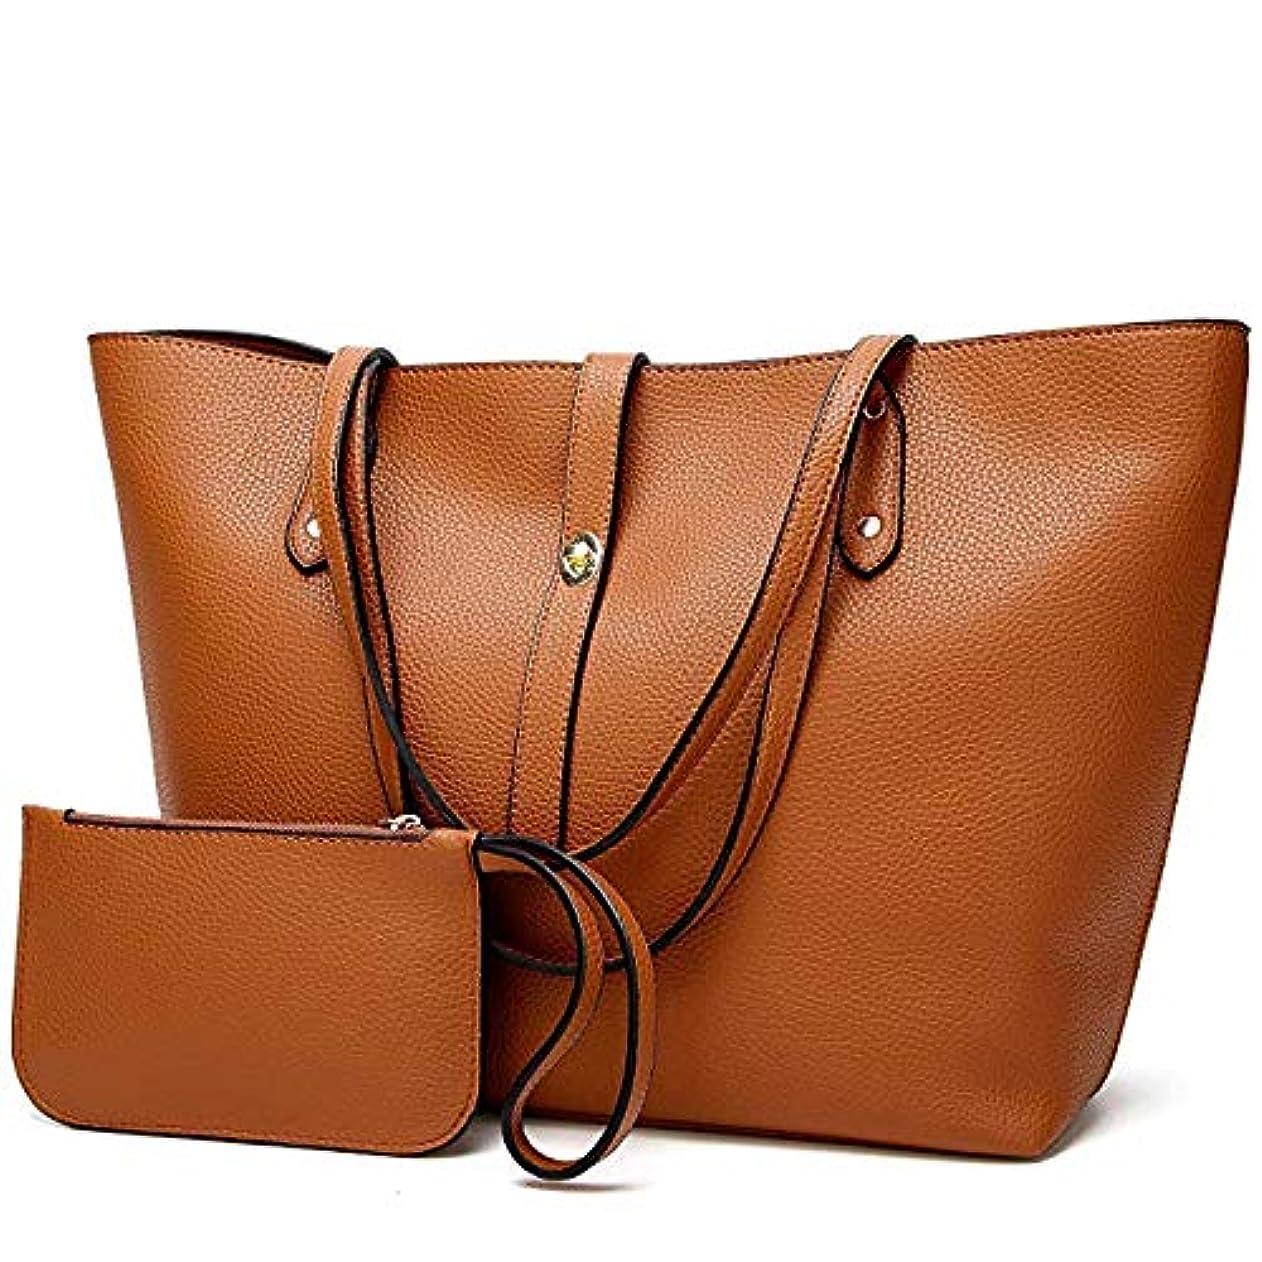 徹底何もないバラ色[TcIFE] ハンドバッグ レディース トートバッグ 大容量 無地 ショルダーバッグ 2way 財布とハンドバッグ